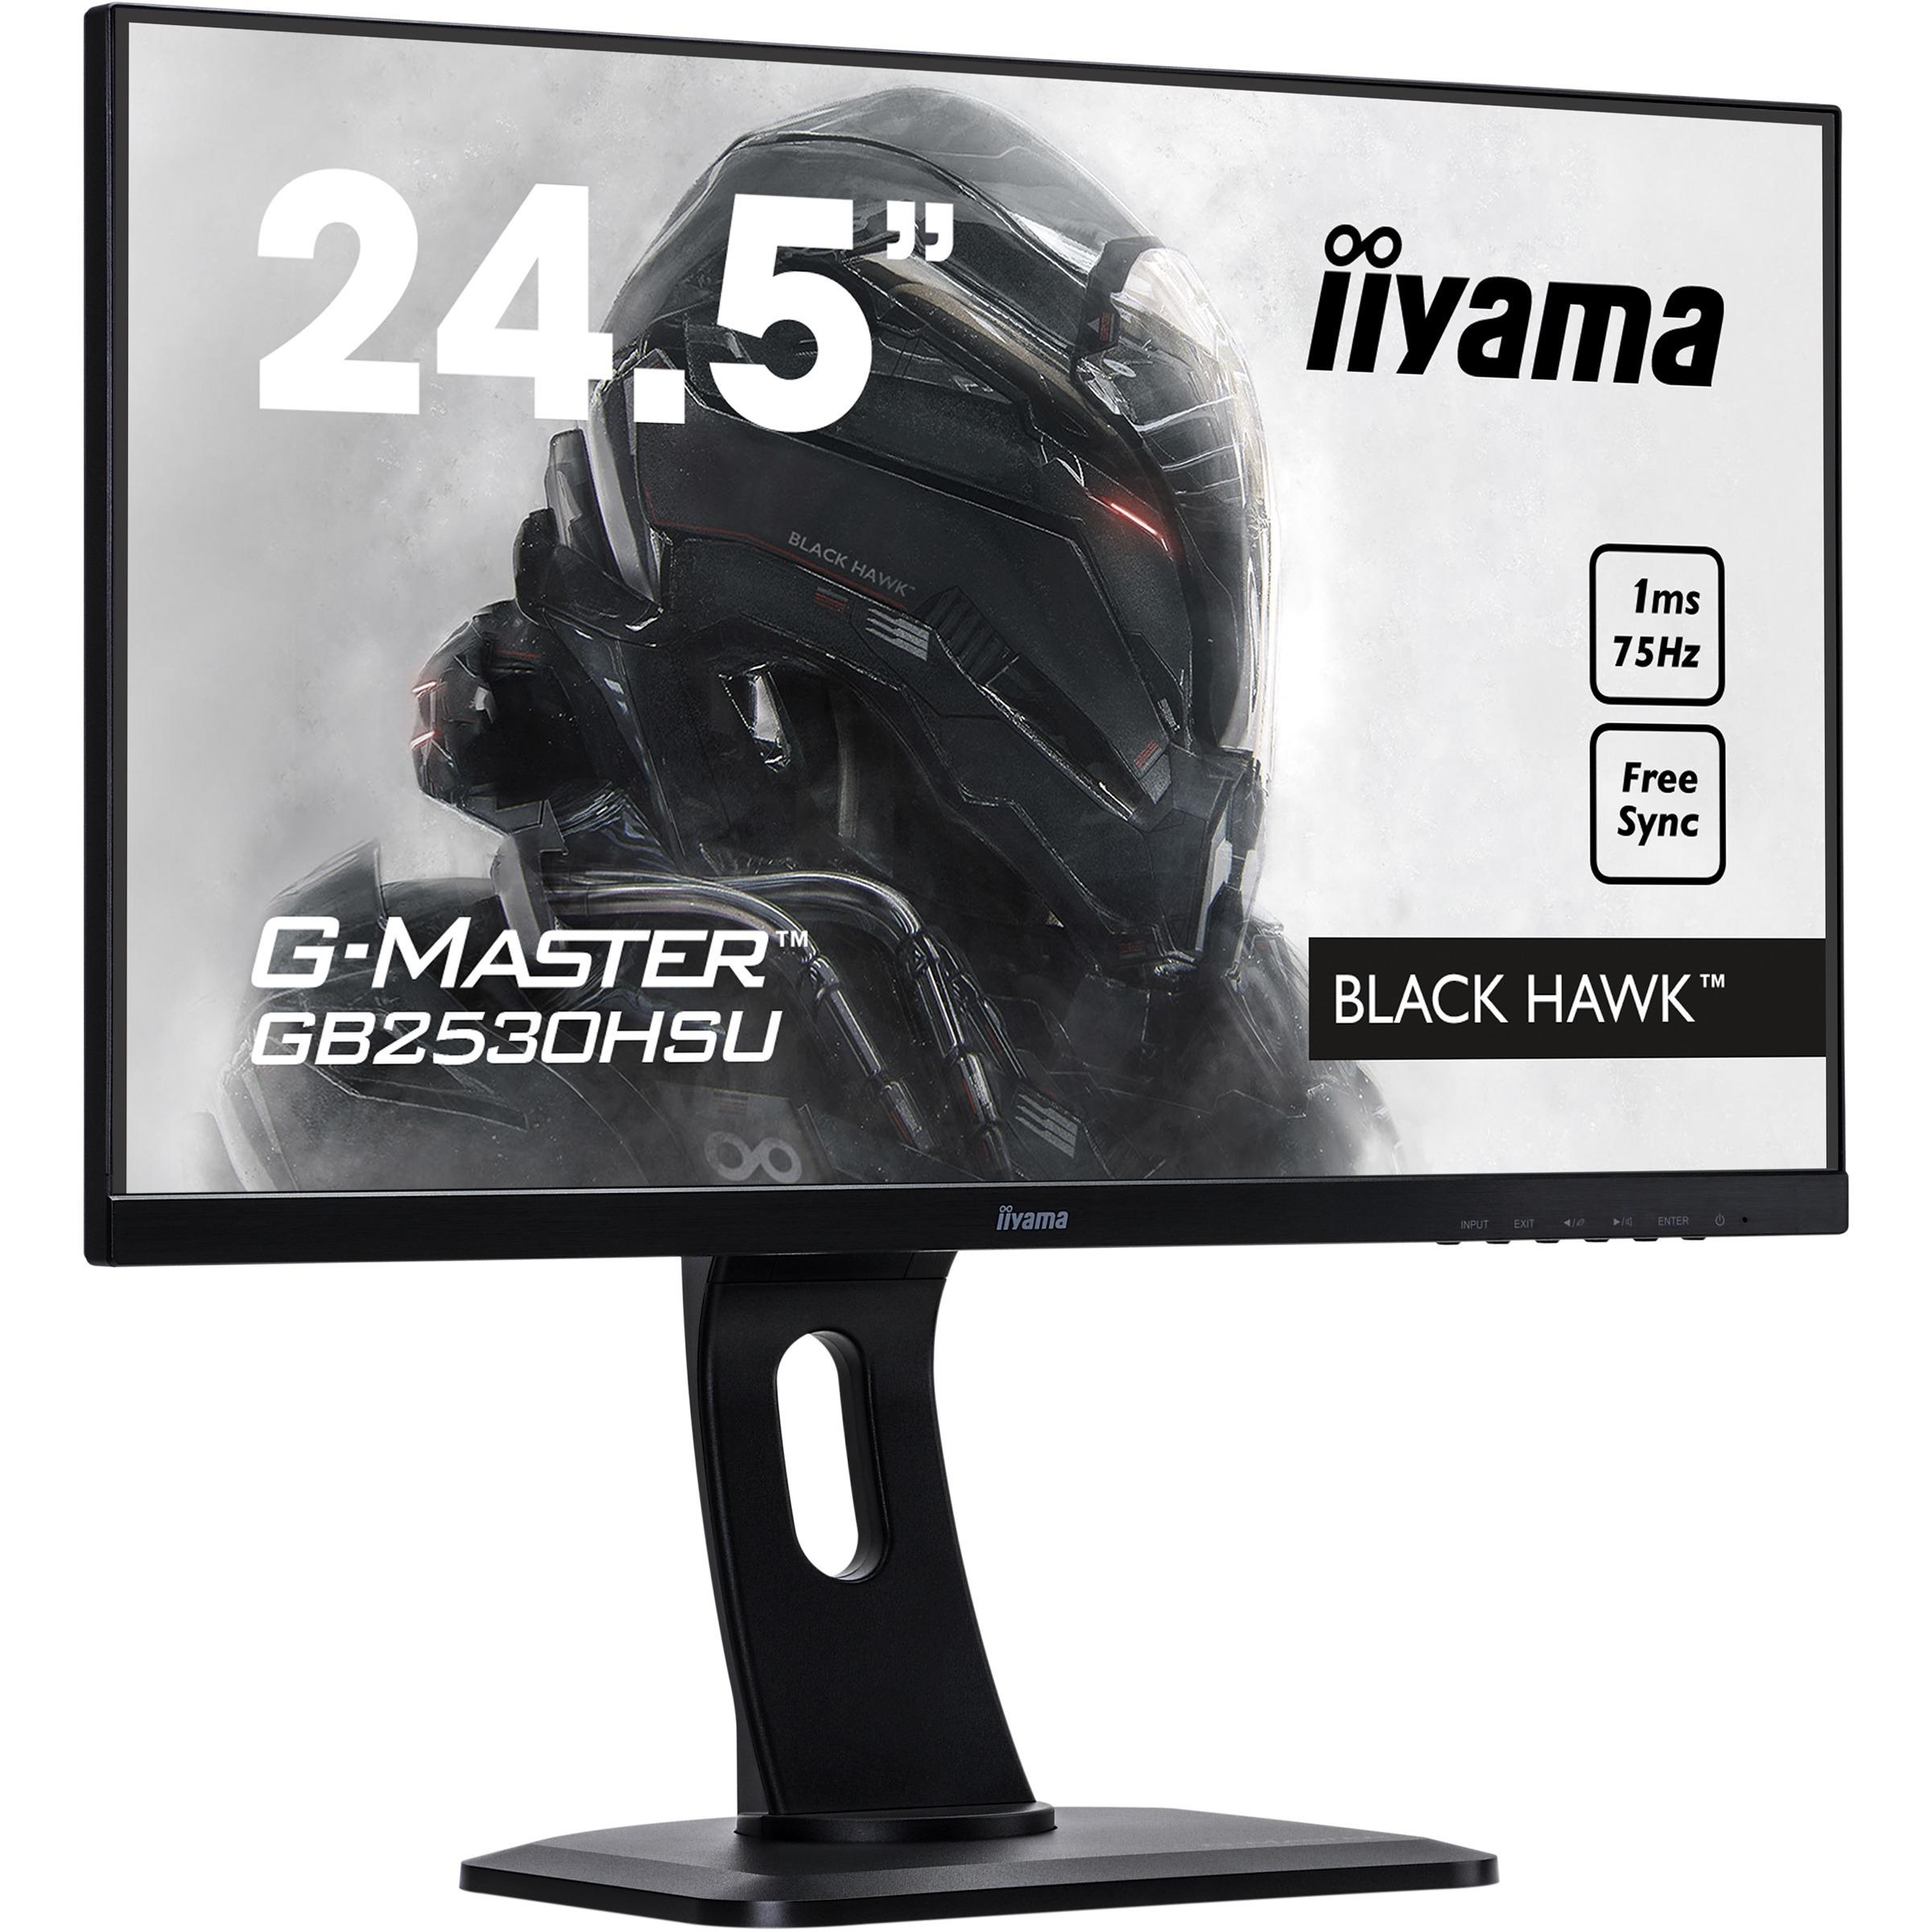 iiyama G-MASTER GB2530HSU-B1 24.5And#34; LED LCD Monitor - 16:9 - 1 ms